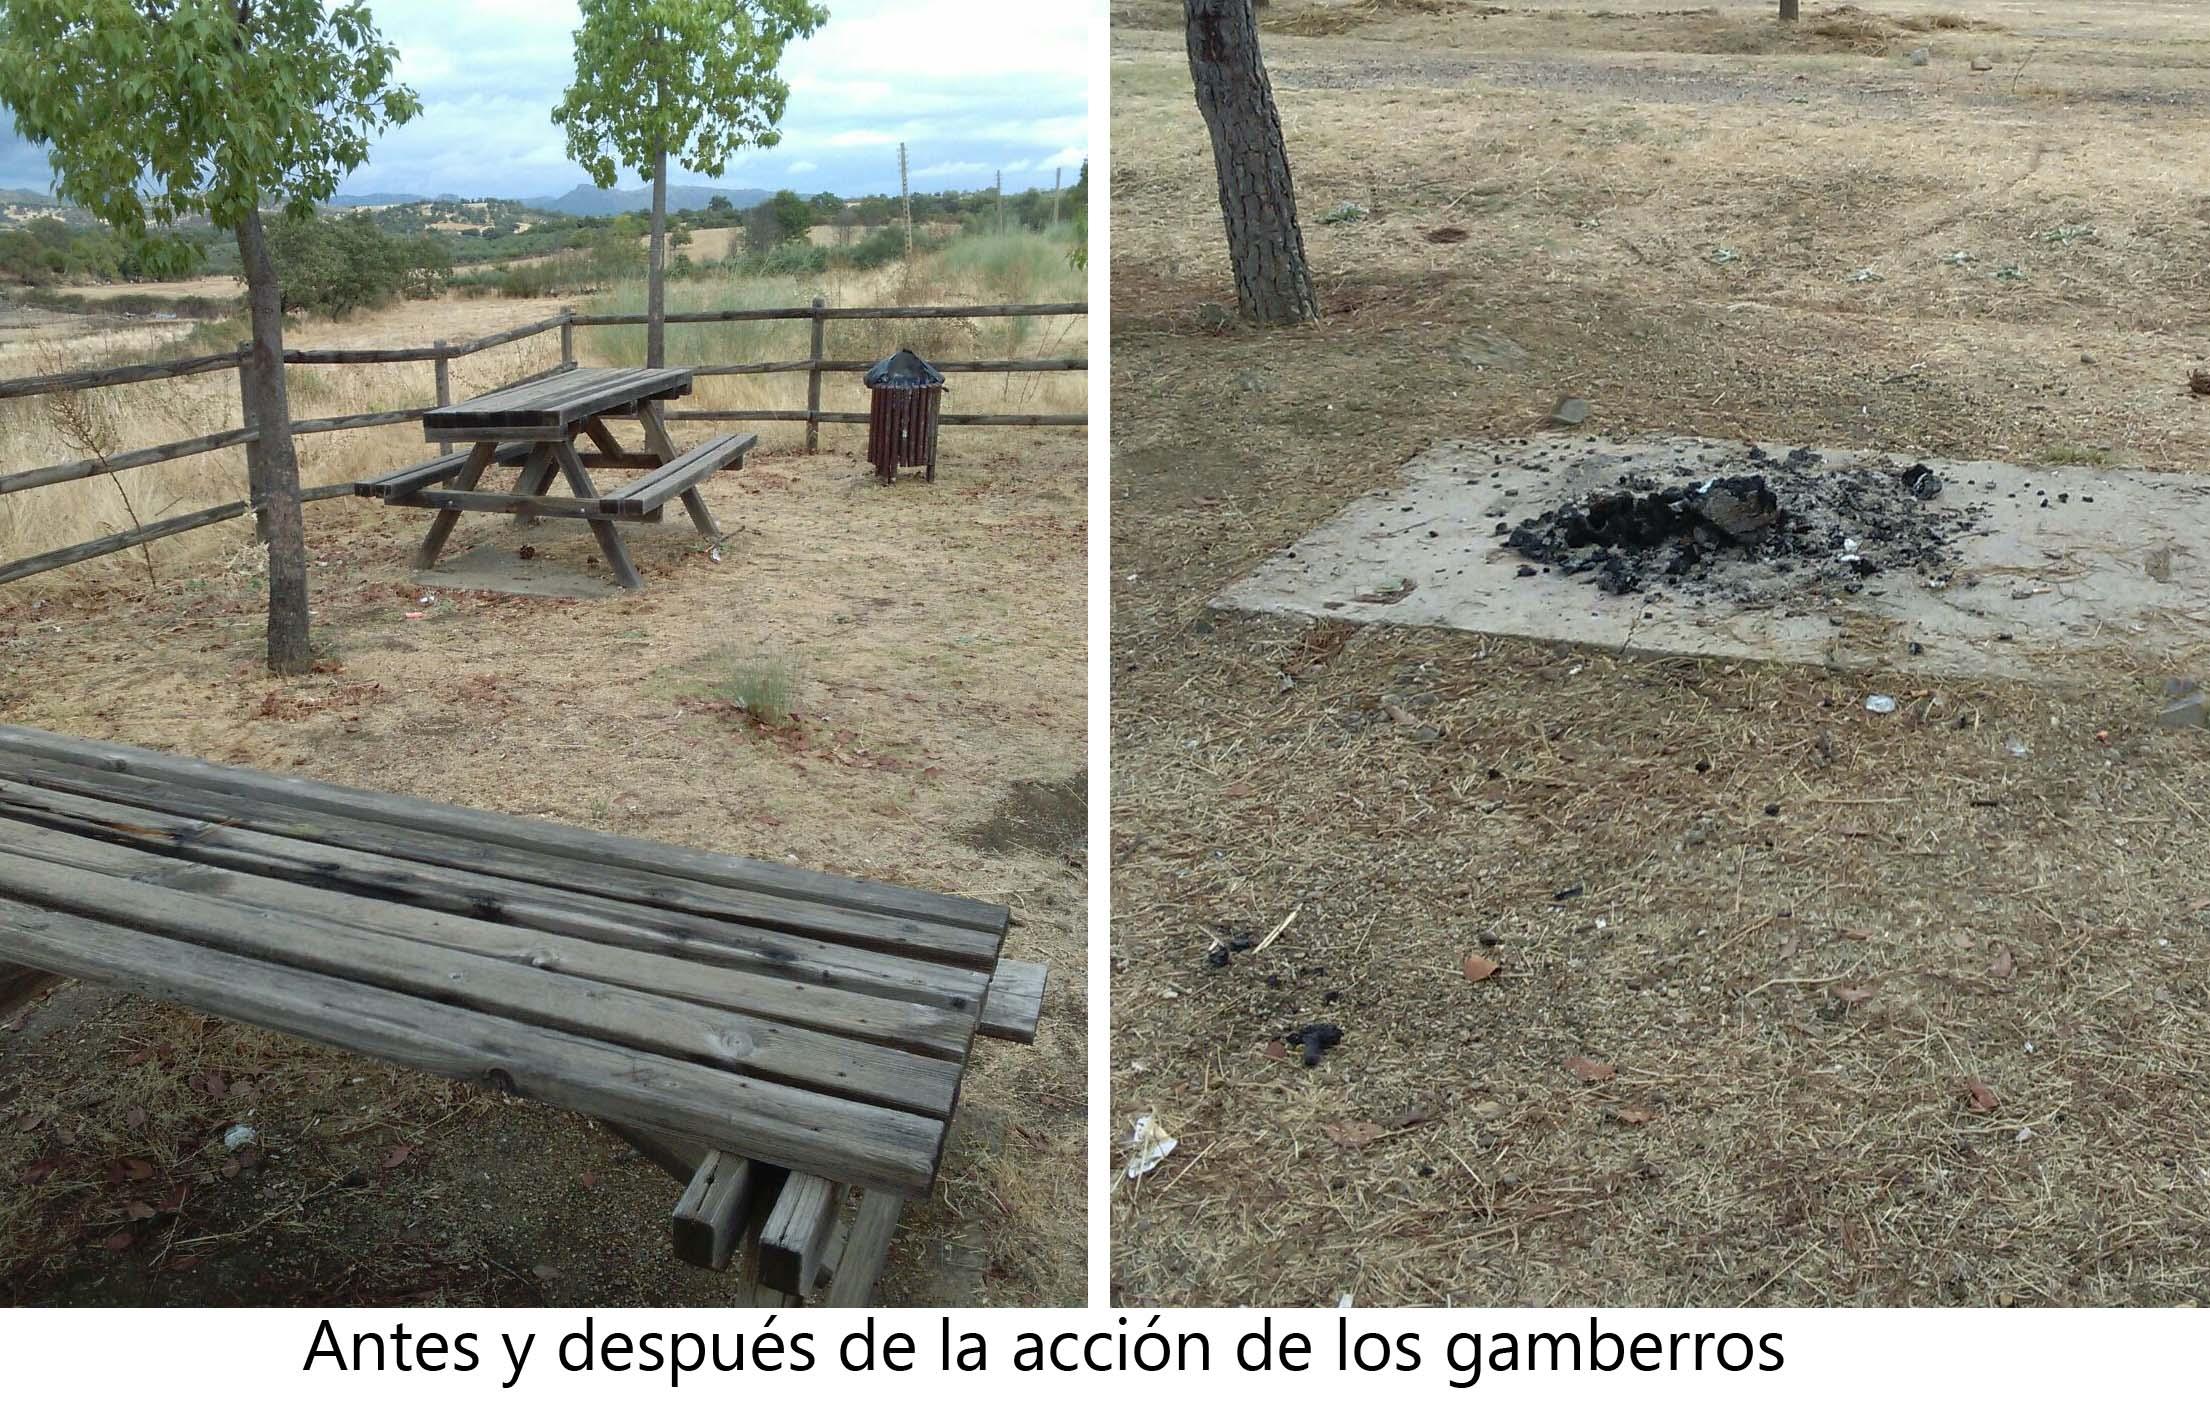 banco-quemado-por-vandalos